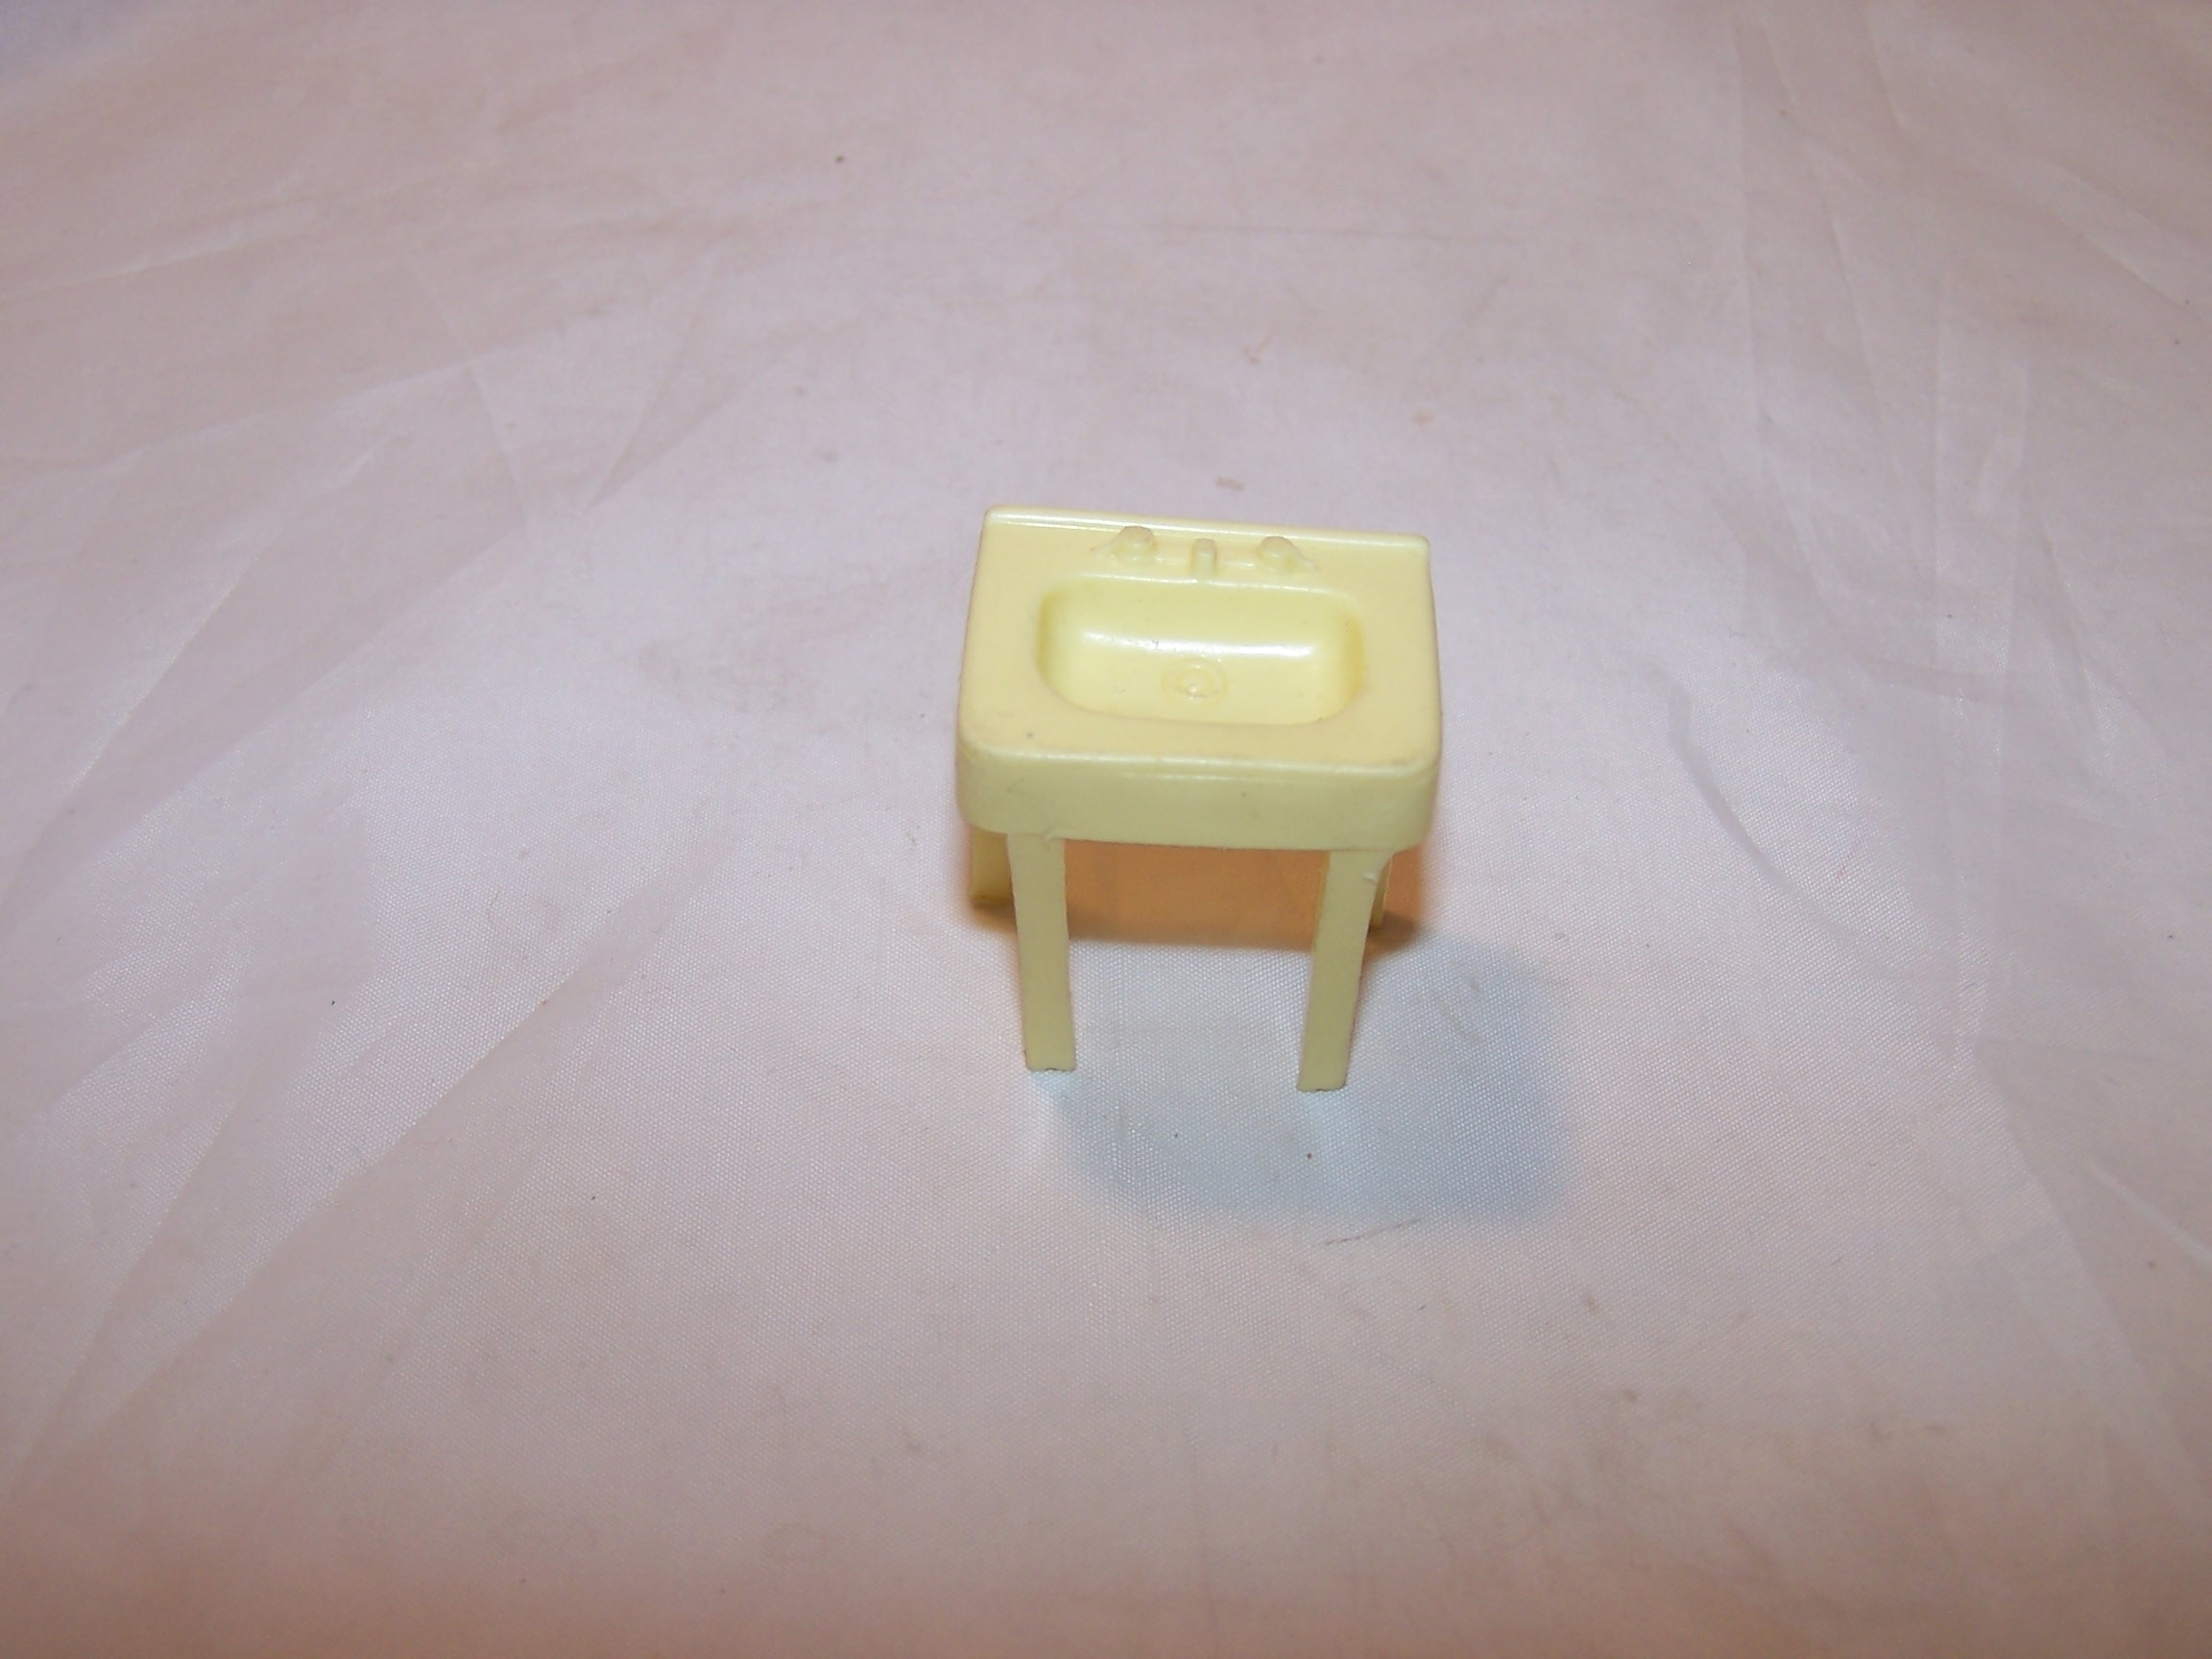 Plastic Bathroom Sink : Dollhouse Bathroom Sink, Plastic, Vintage